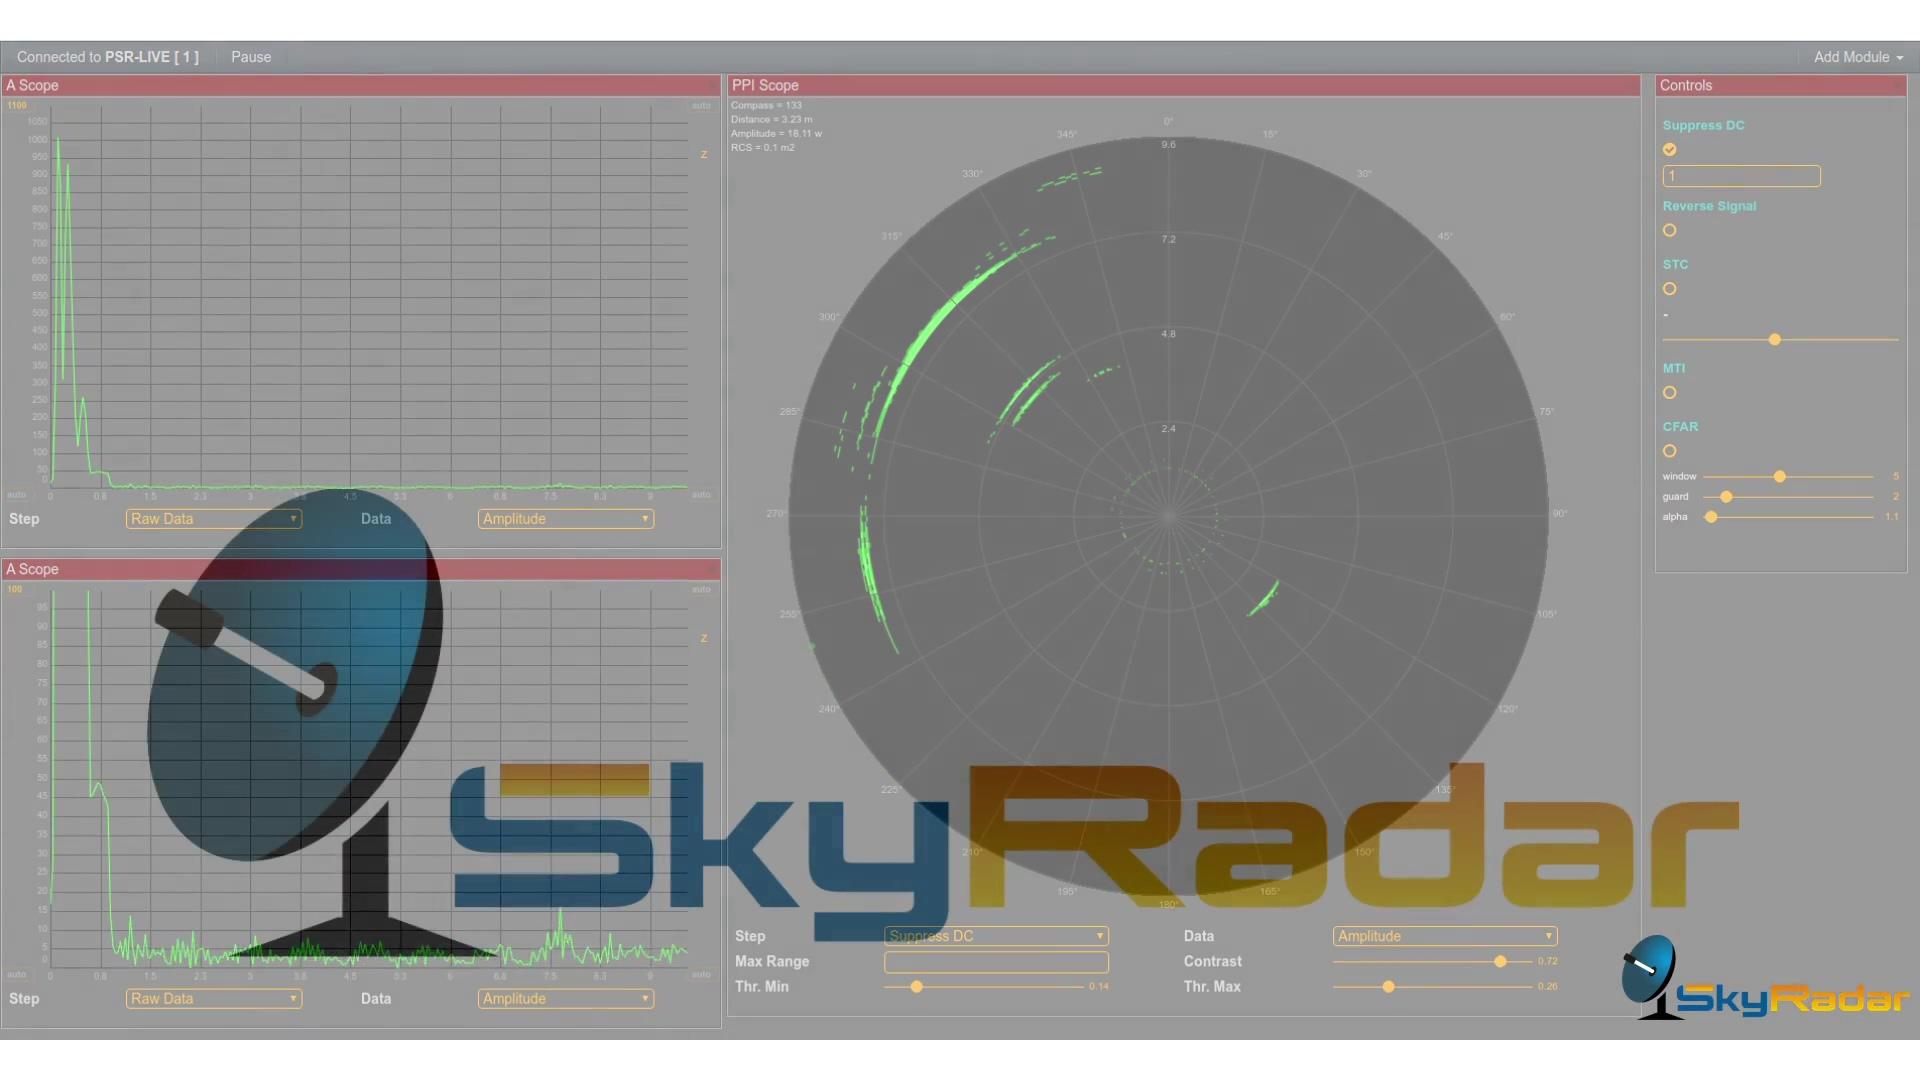 RCS-measurement-SkyRadar-1